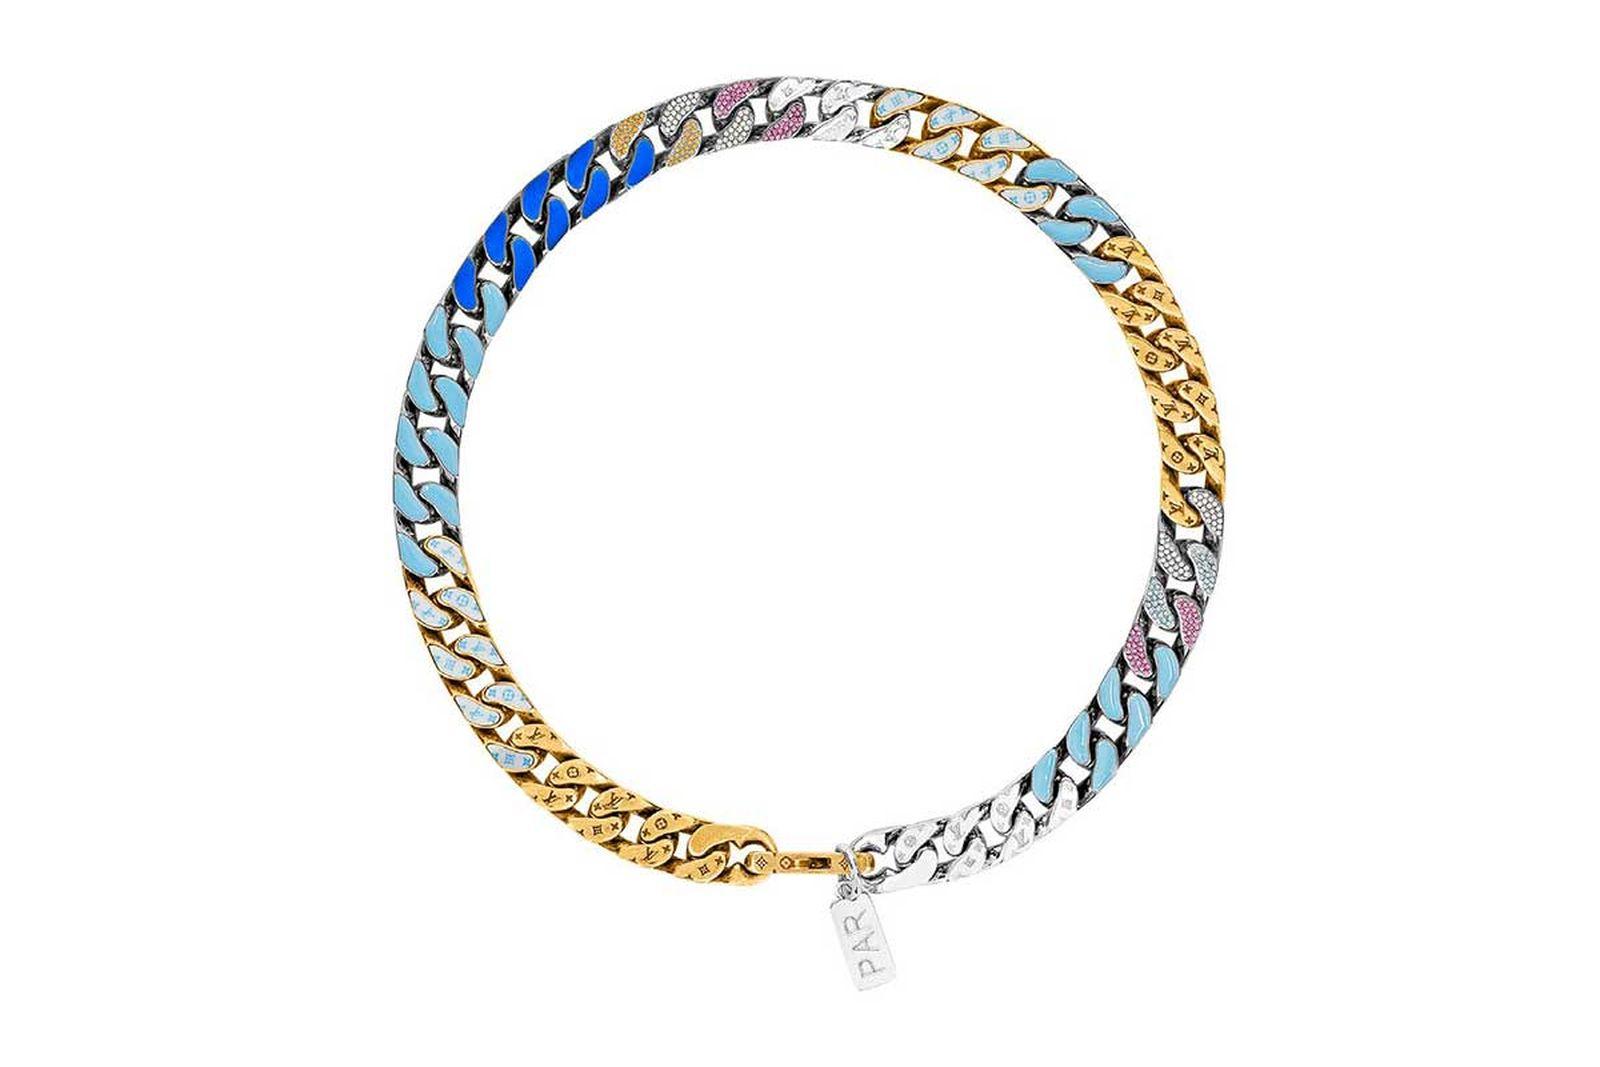 louis vuitton lv chain link neckalces (1)